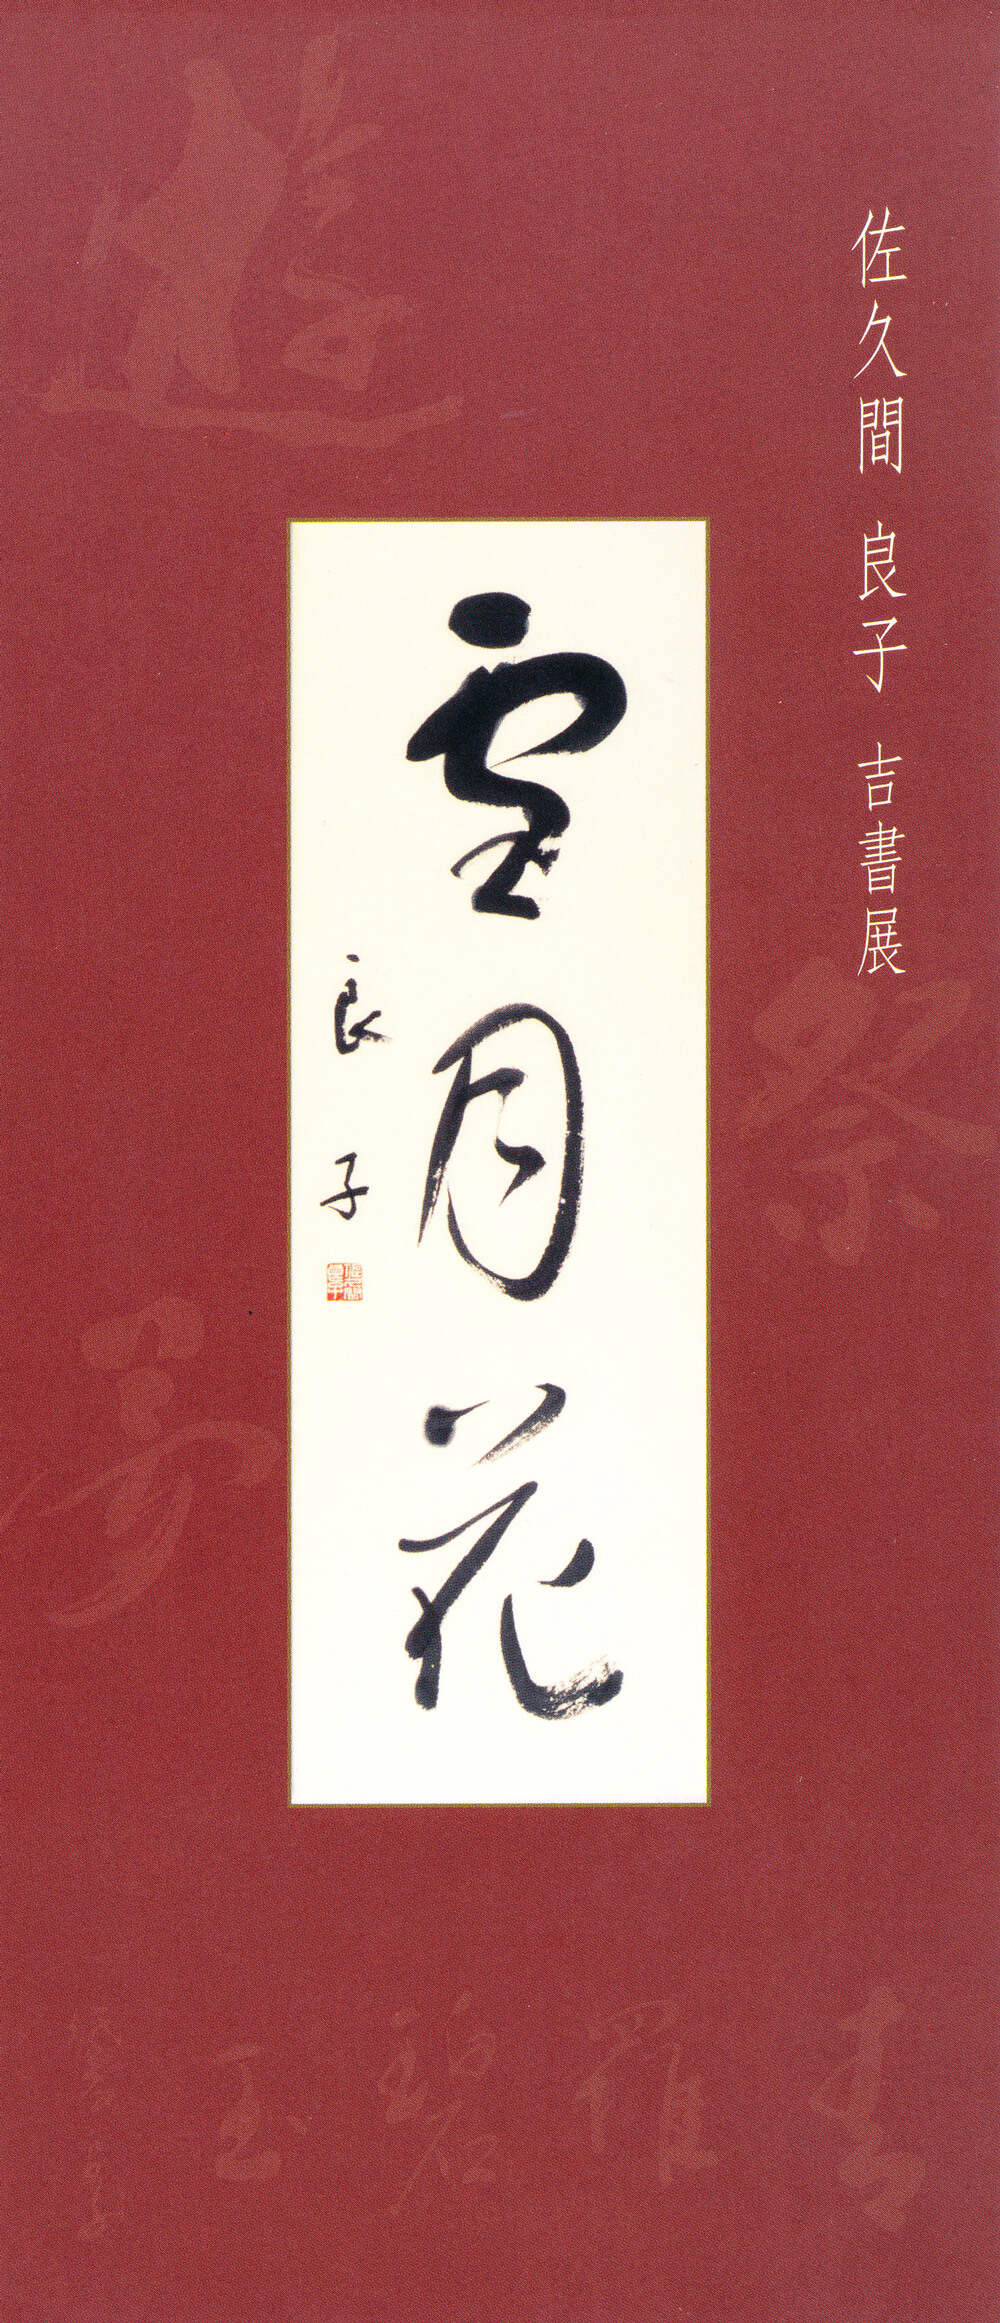 2006年1月8日から開催の「佐久間 良子 吉書展」のDM画像